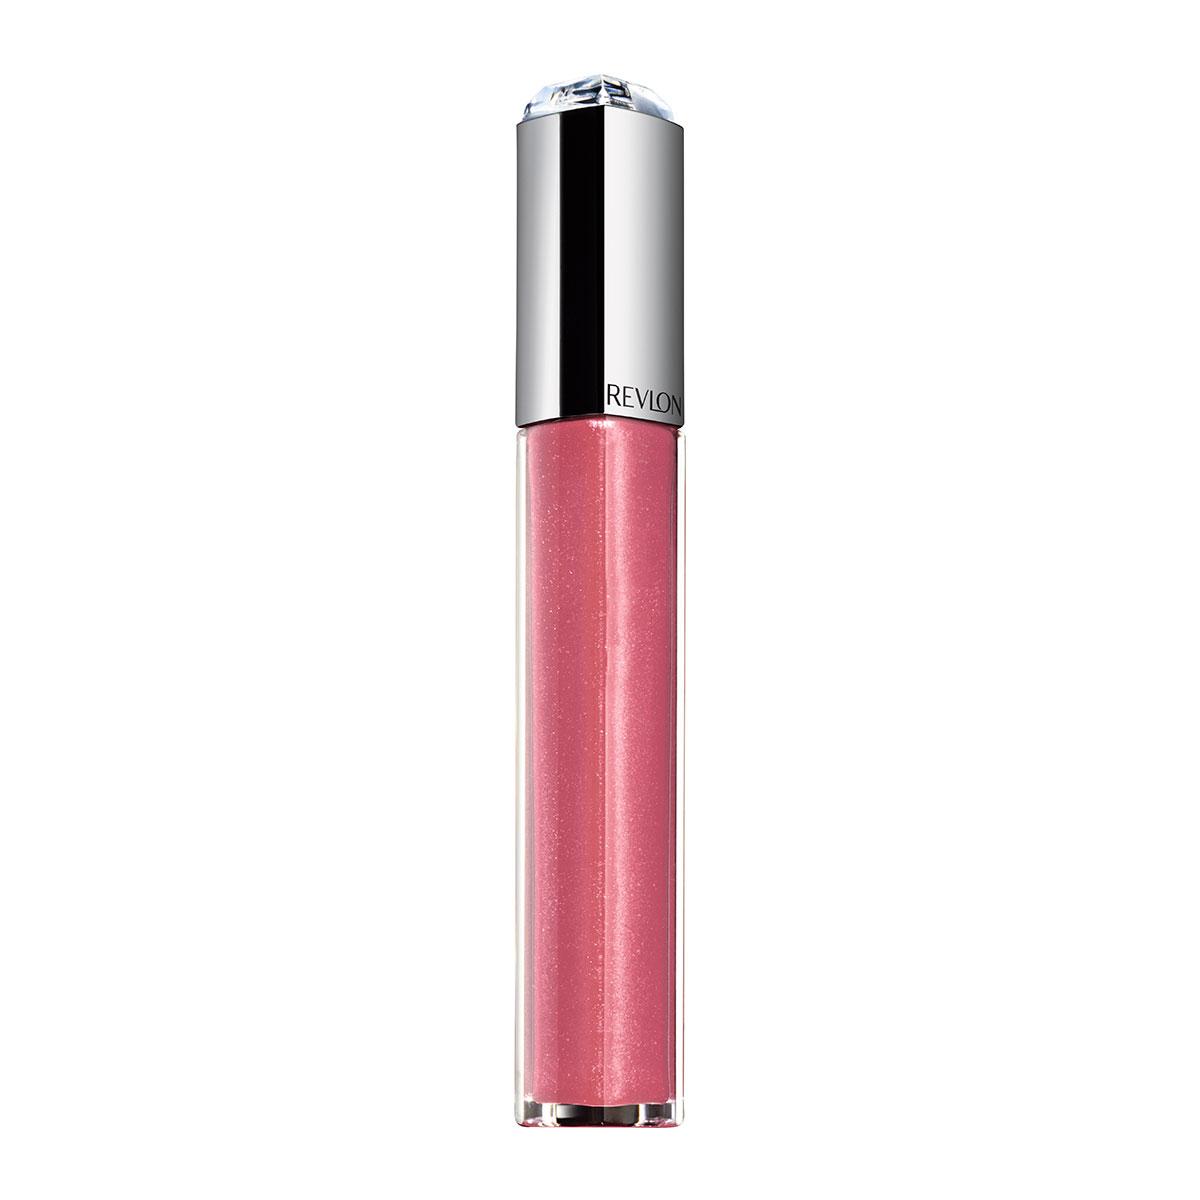 Revlon Помада-блеск для Губ Ultra Hd Lip Lacquer Rose quartz 530 5,9 млAS-501/RПридайте своим губам сияние с Revlon Ultra HD Lip Lacquer. Инновационная лаковая формула дарит вашим губам глубокий, насыщенный цвет без утяжеления. Блеск-лак для губ с тонкой текстурой, не насыщенной восками. Легкая формула обогощена маслами кокоса и манго. Супер-пигментирован! Плотность покрытия тонкое без ощущения липкости. Насыщенная яркая палитра для создания разных образов: от естественного дневного до вечернего макияжей. Устойчивый результат. Насыщенный, сияющий цвет визуально увеличивающий объем.